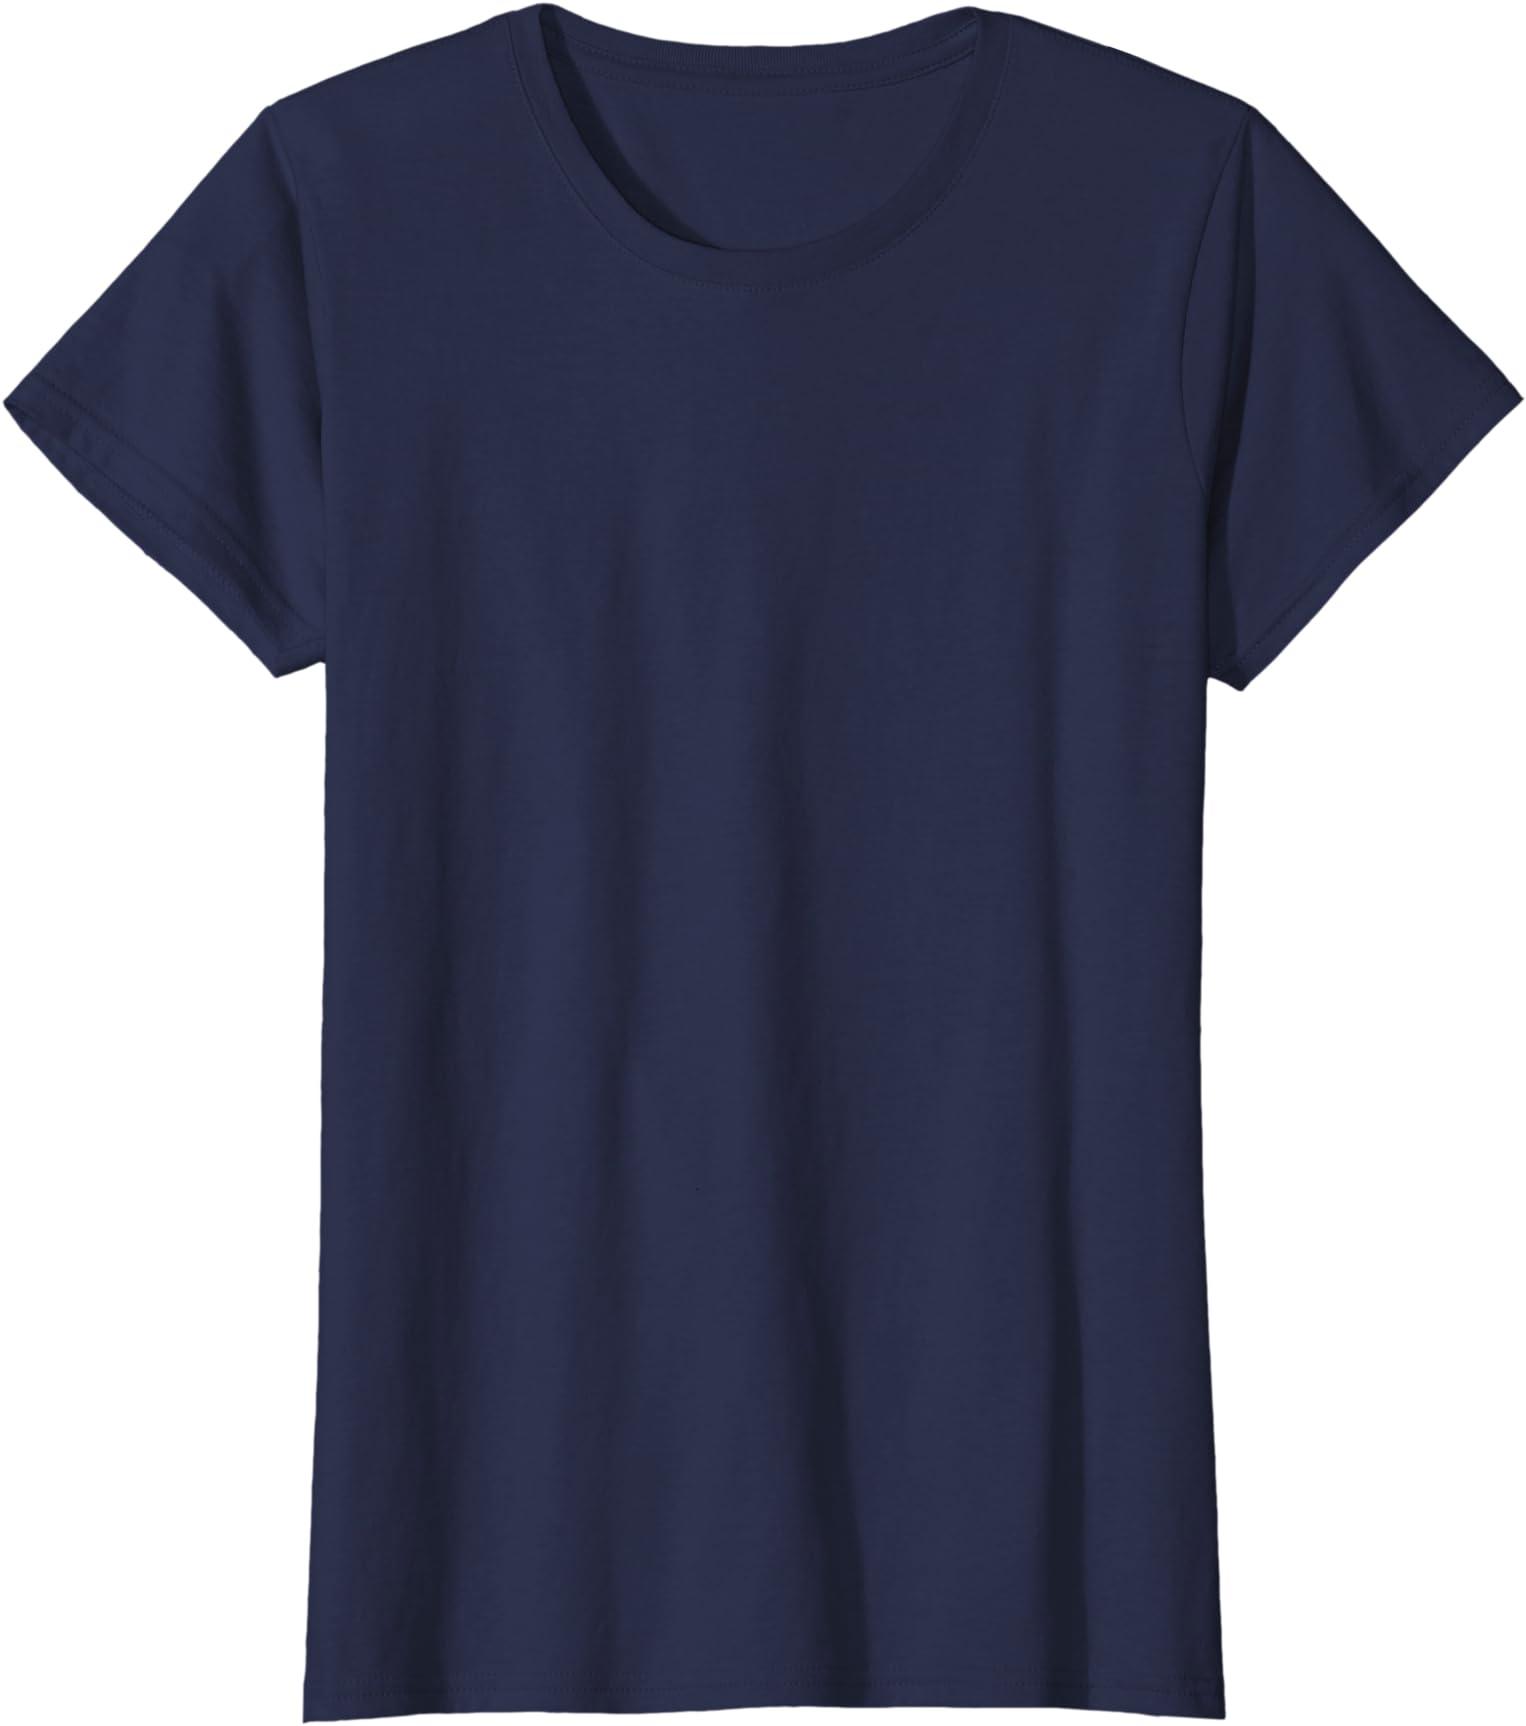 Sunday Funday New England Navy Adult T-Shirt